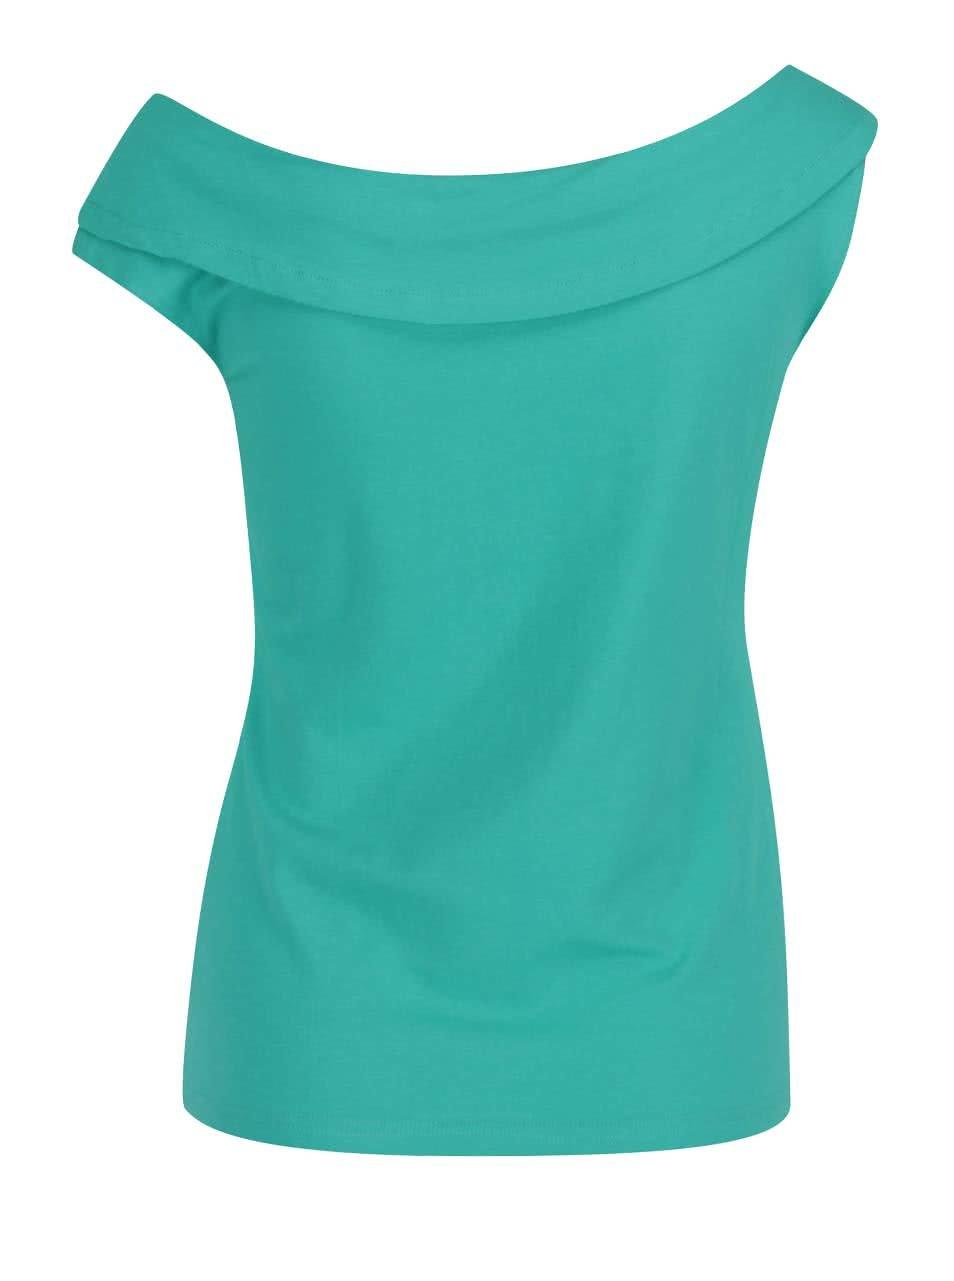 Zelené tričko s lodičkovým výstrihom Skunkfunk ... 7b260e5547